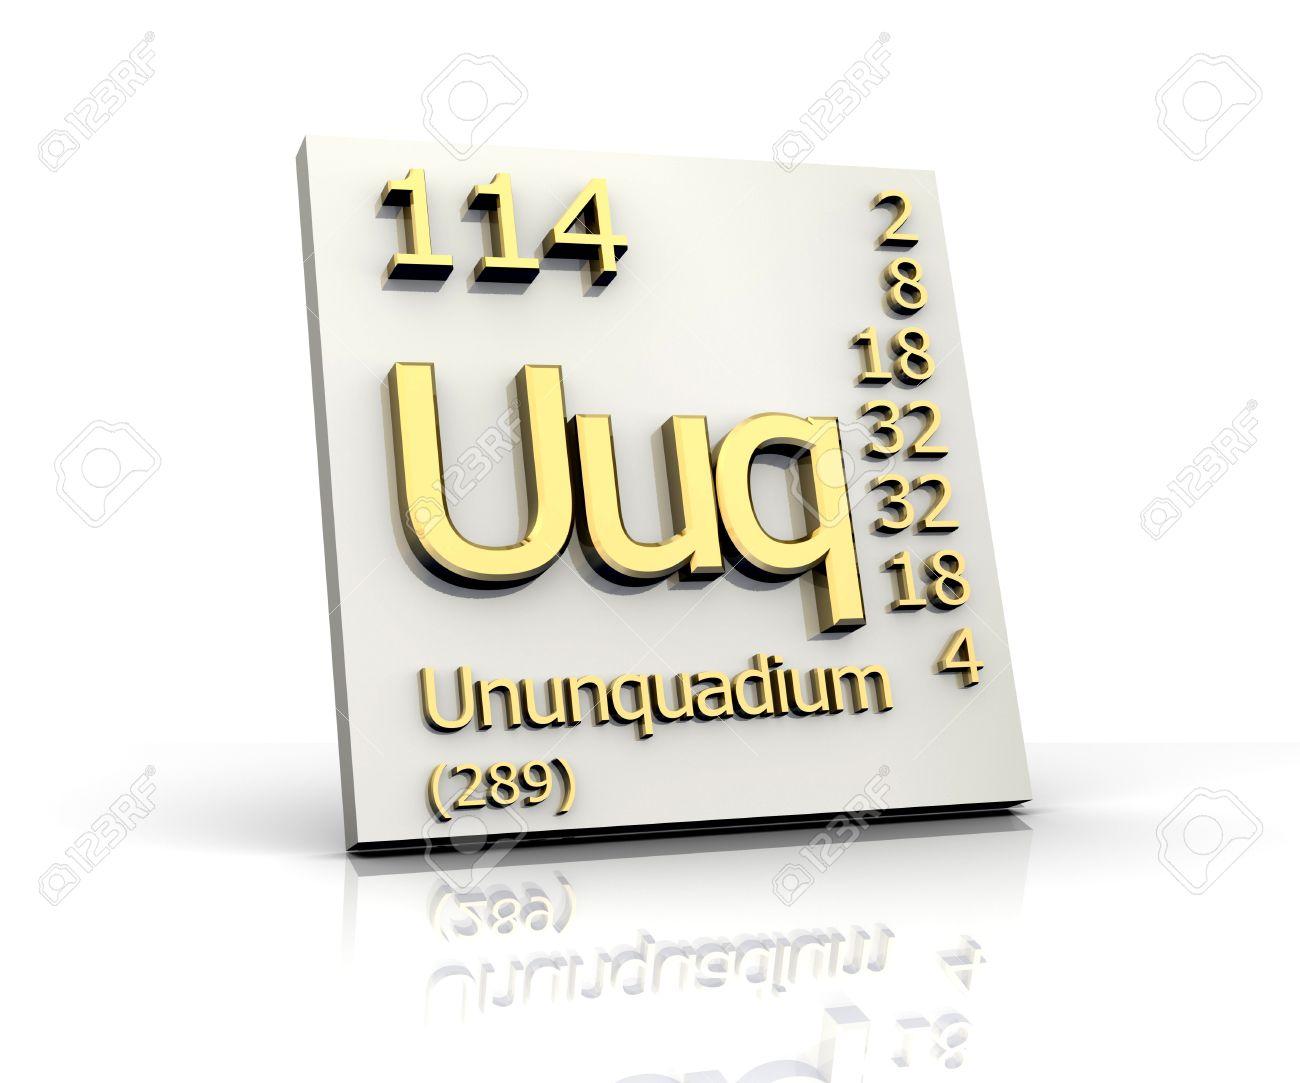 Ununquadium periodic table of elements 3d made stock photo ununquadium periodic table of elements 3d made stock photo 10266204 urtaz Choice Image